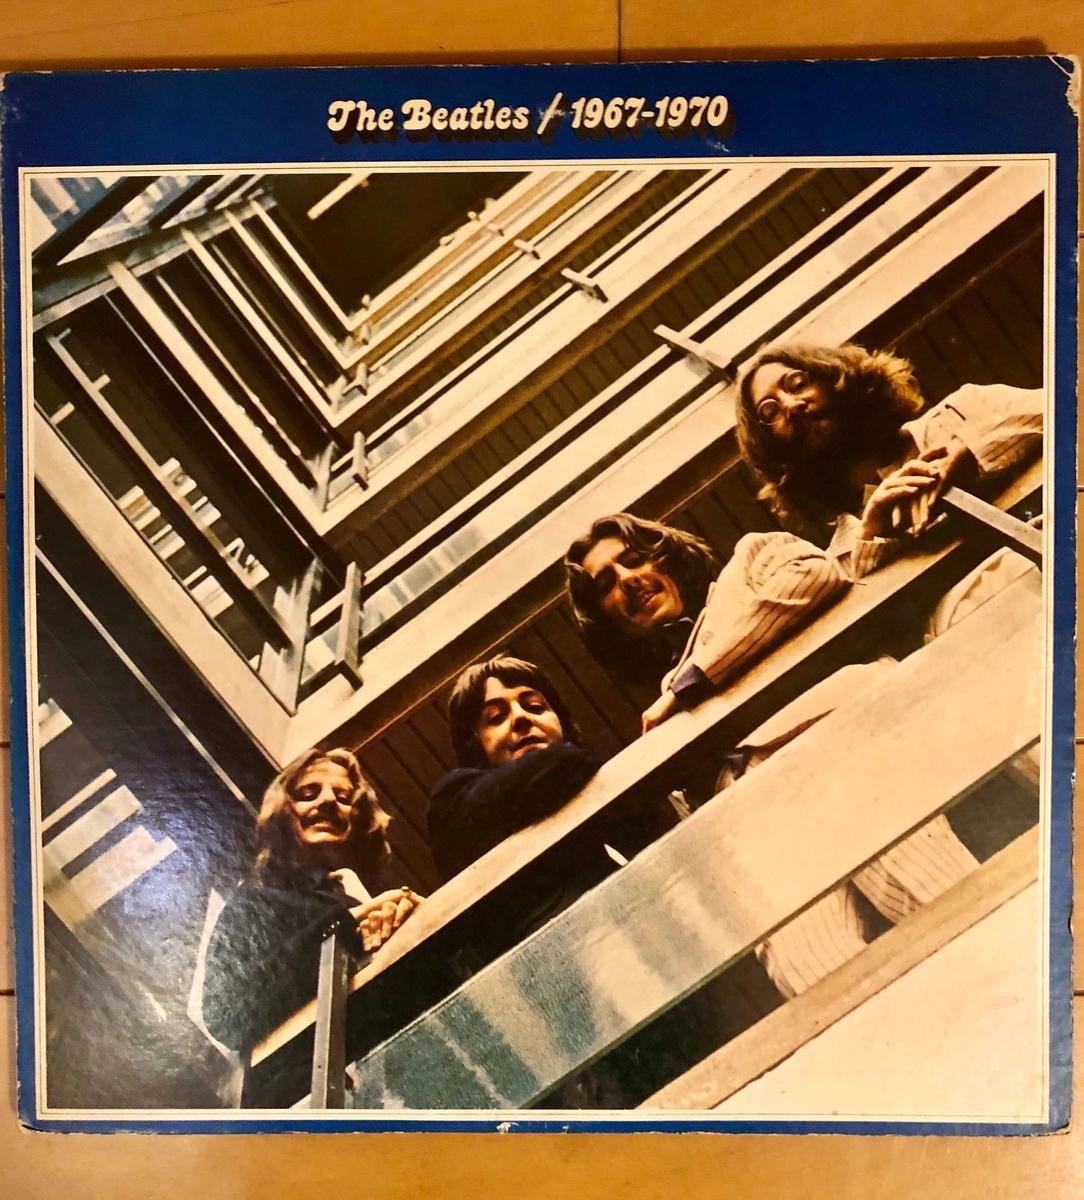 ビートルズの後期ベスト盤「1967-1970」